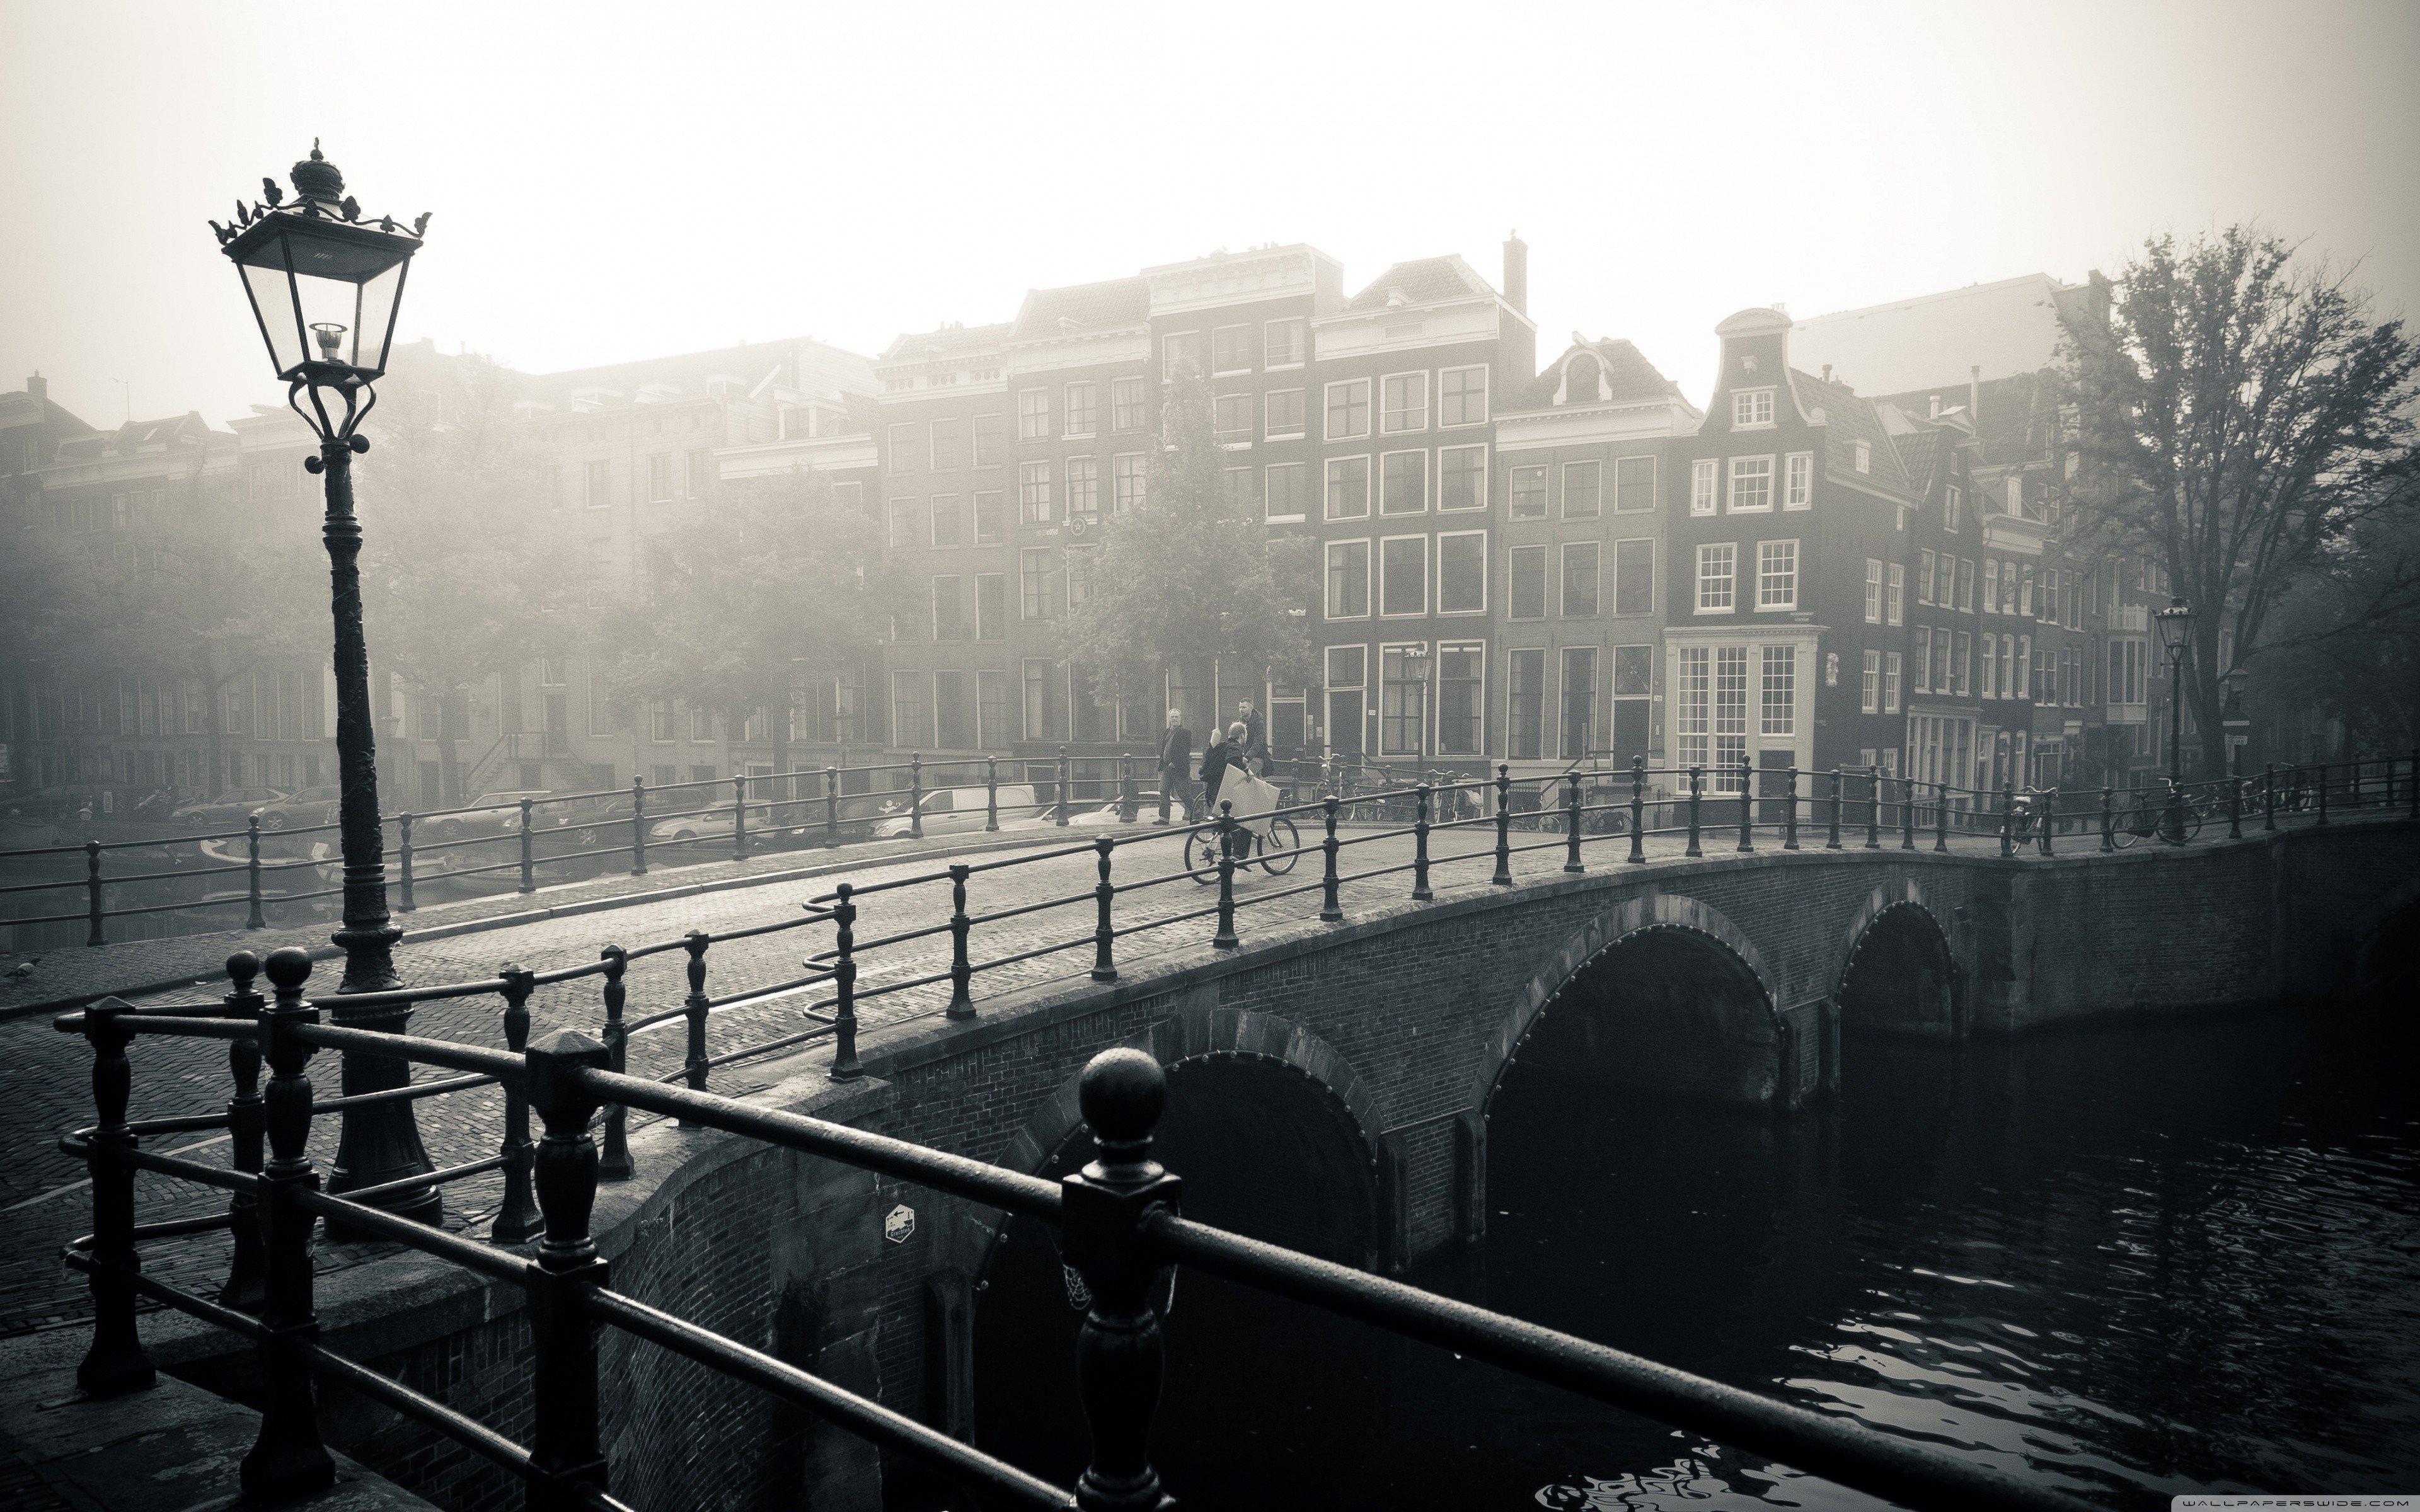 красивые черно-белые фотографии высокого разрешения есть кого-нибудь